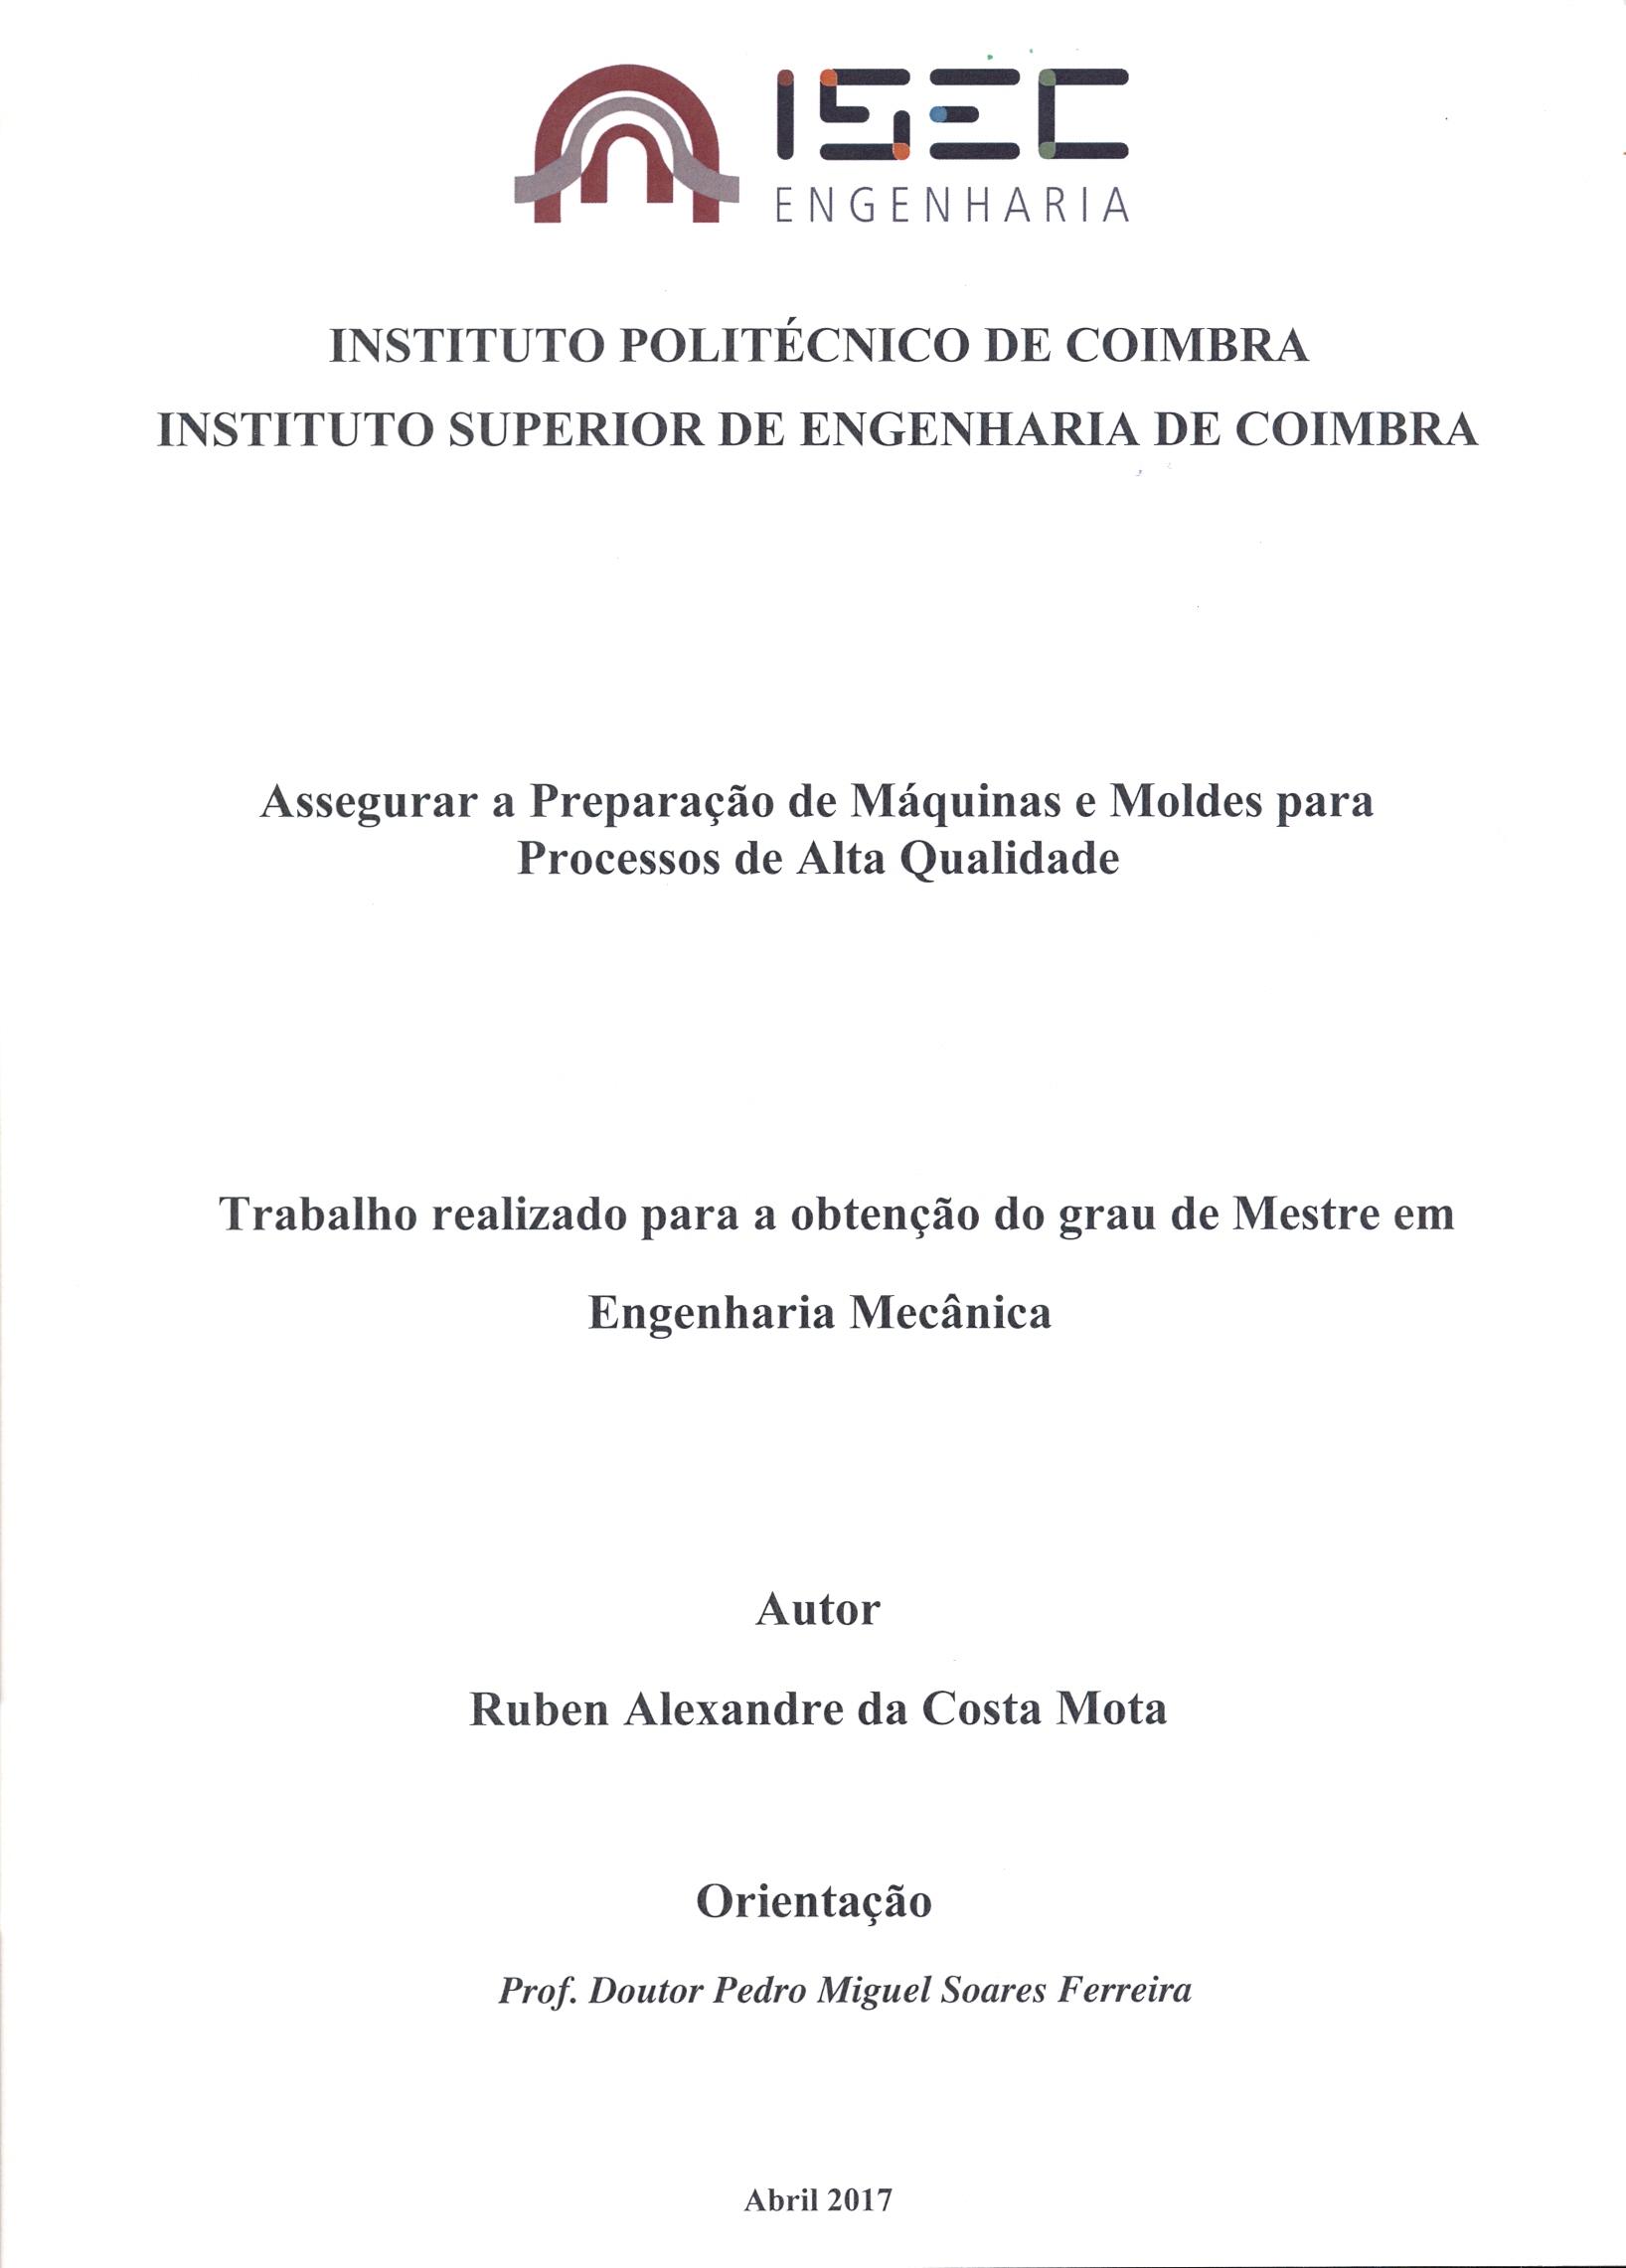 TIPOS DE REVISO DE LITERATURA - fca. unesp. br